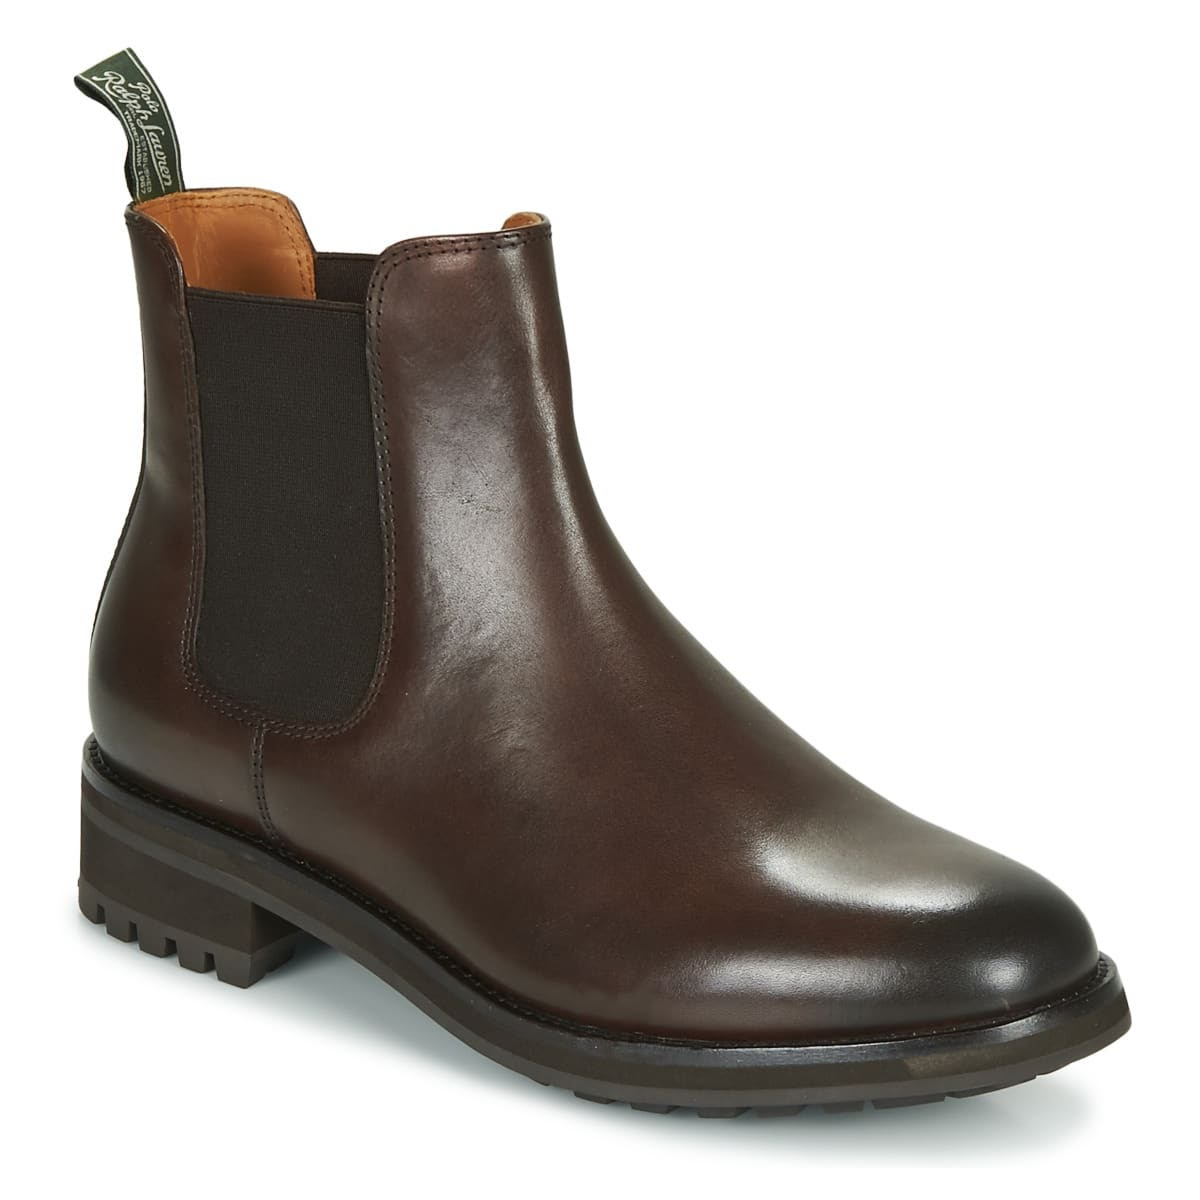 Chaussures en soldes - Chelsea Boots Polo Ralph Lauren BRYSON